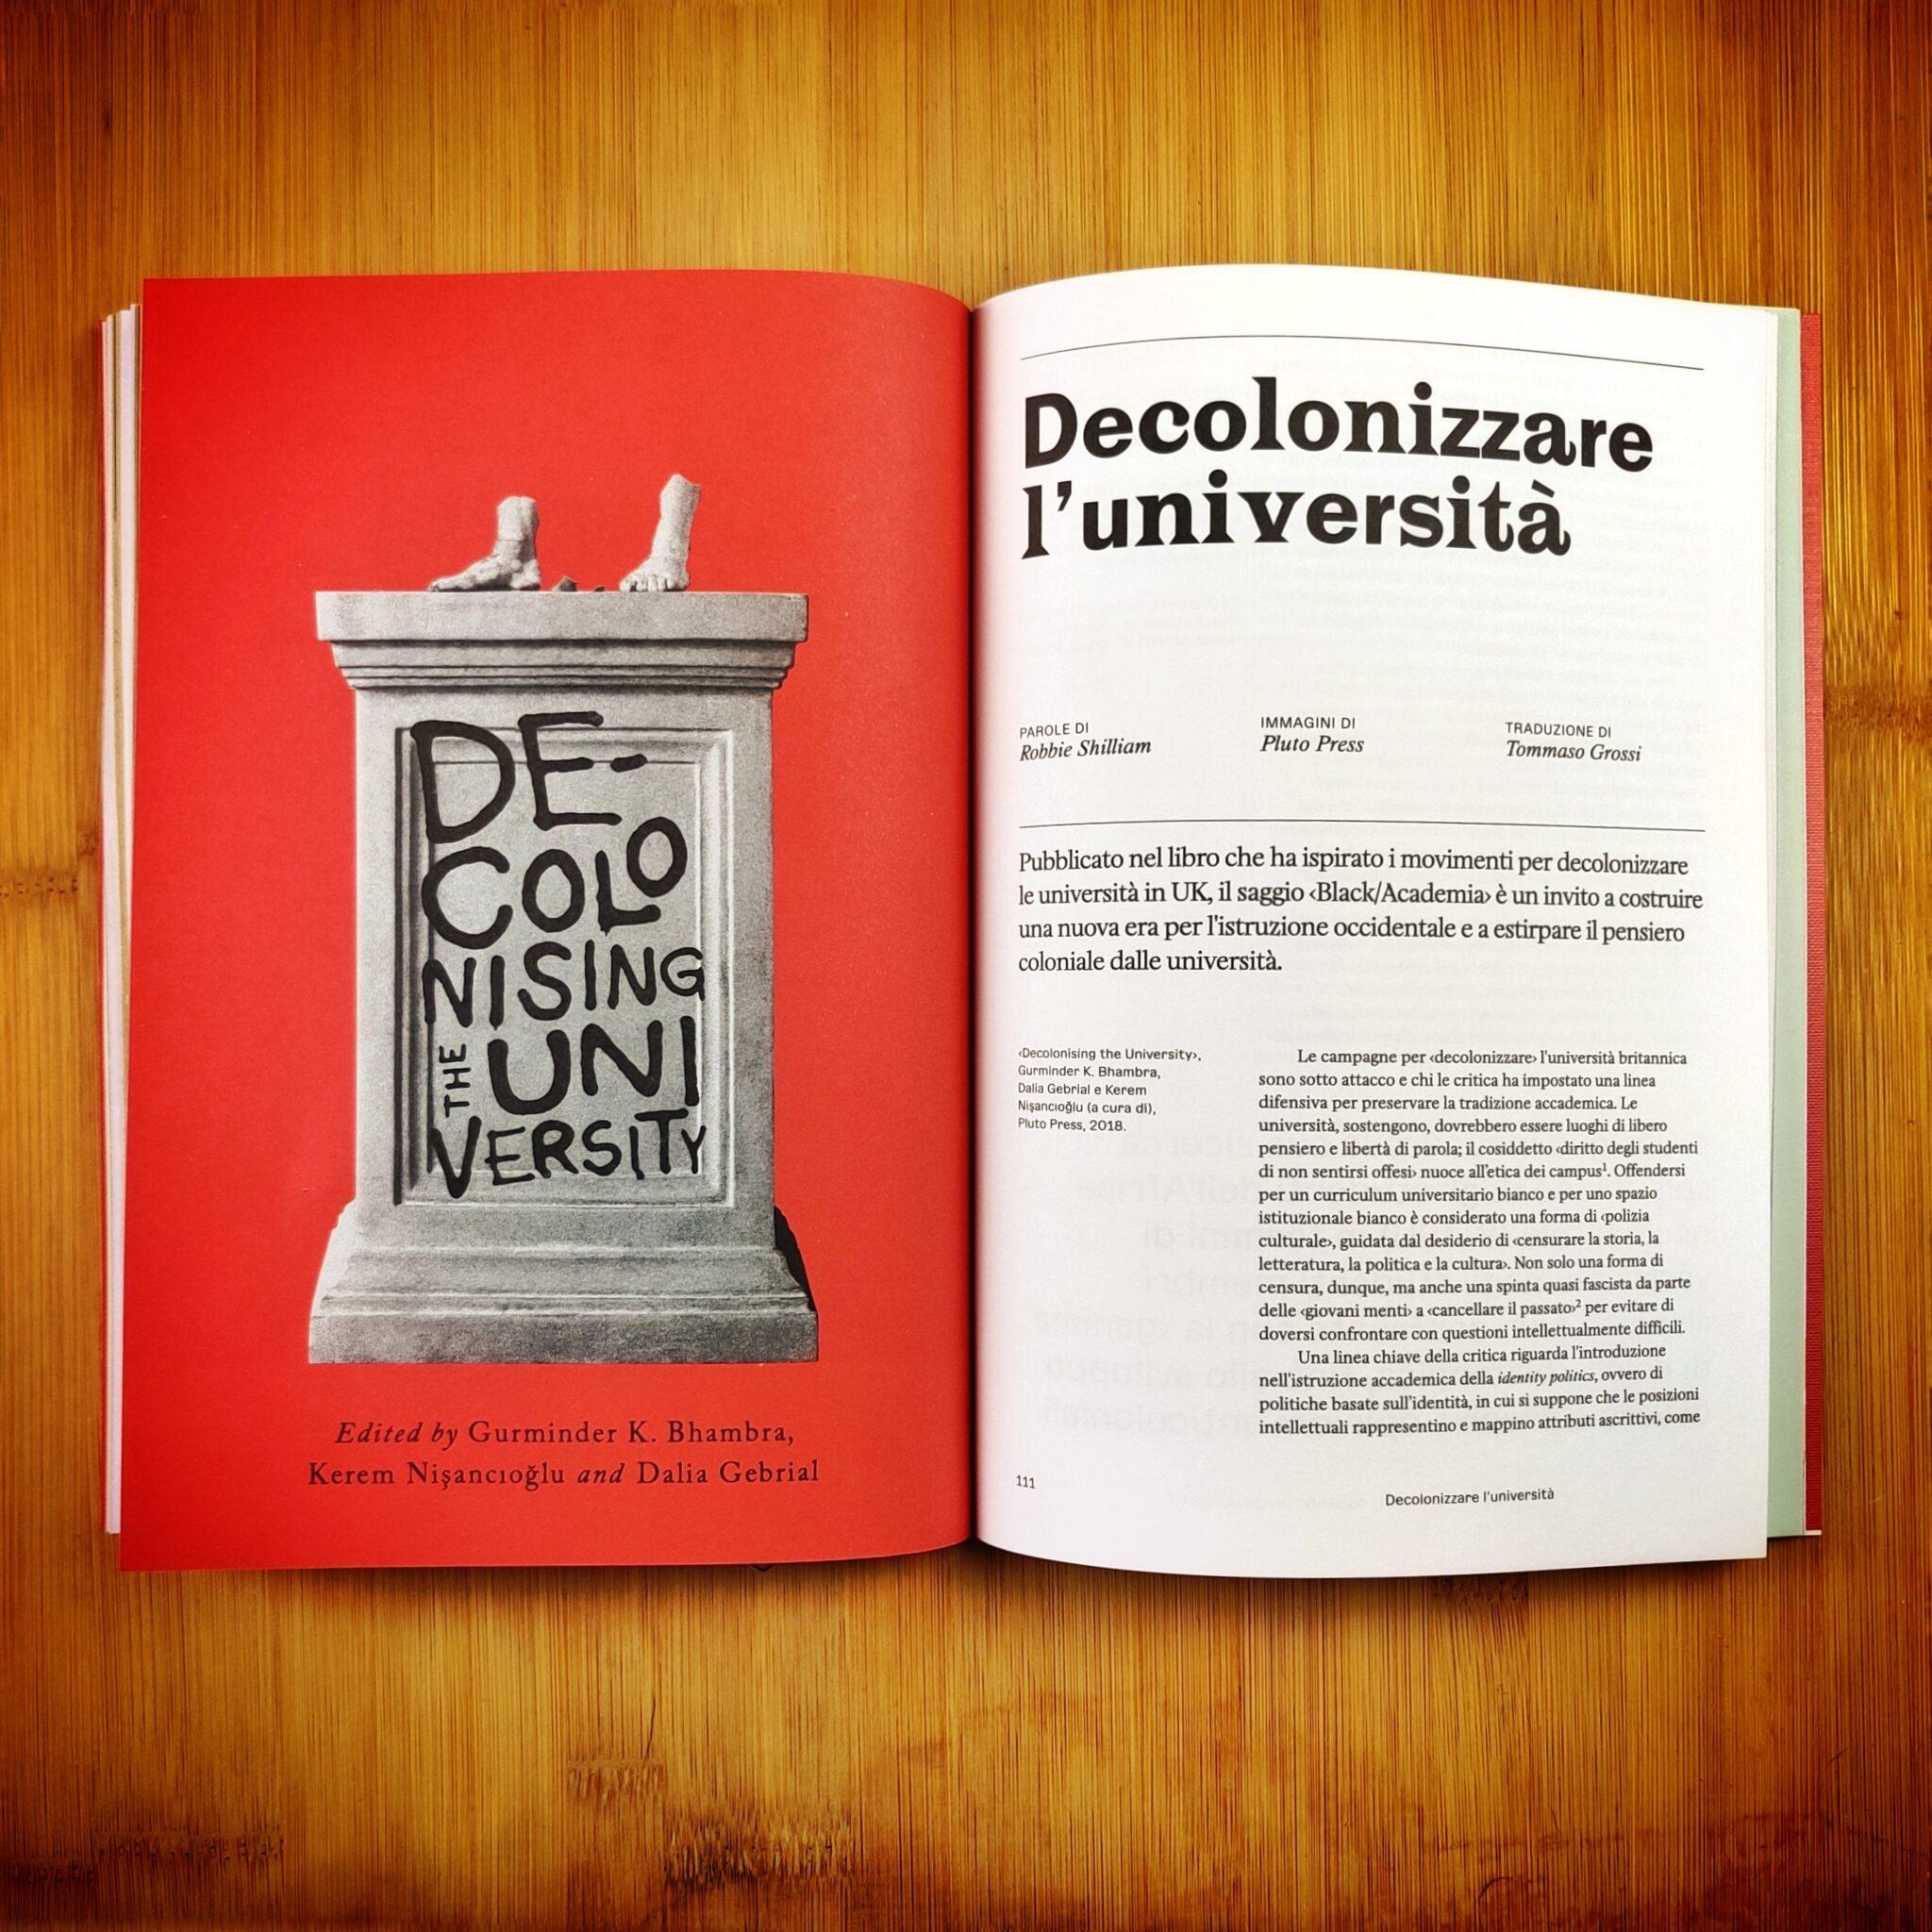 Decolonizzare l'università (da Pluto Press)